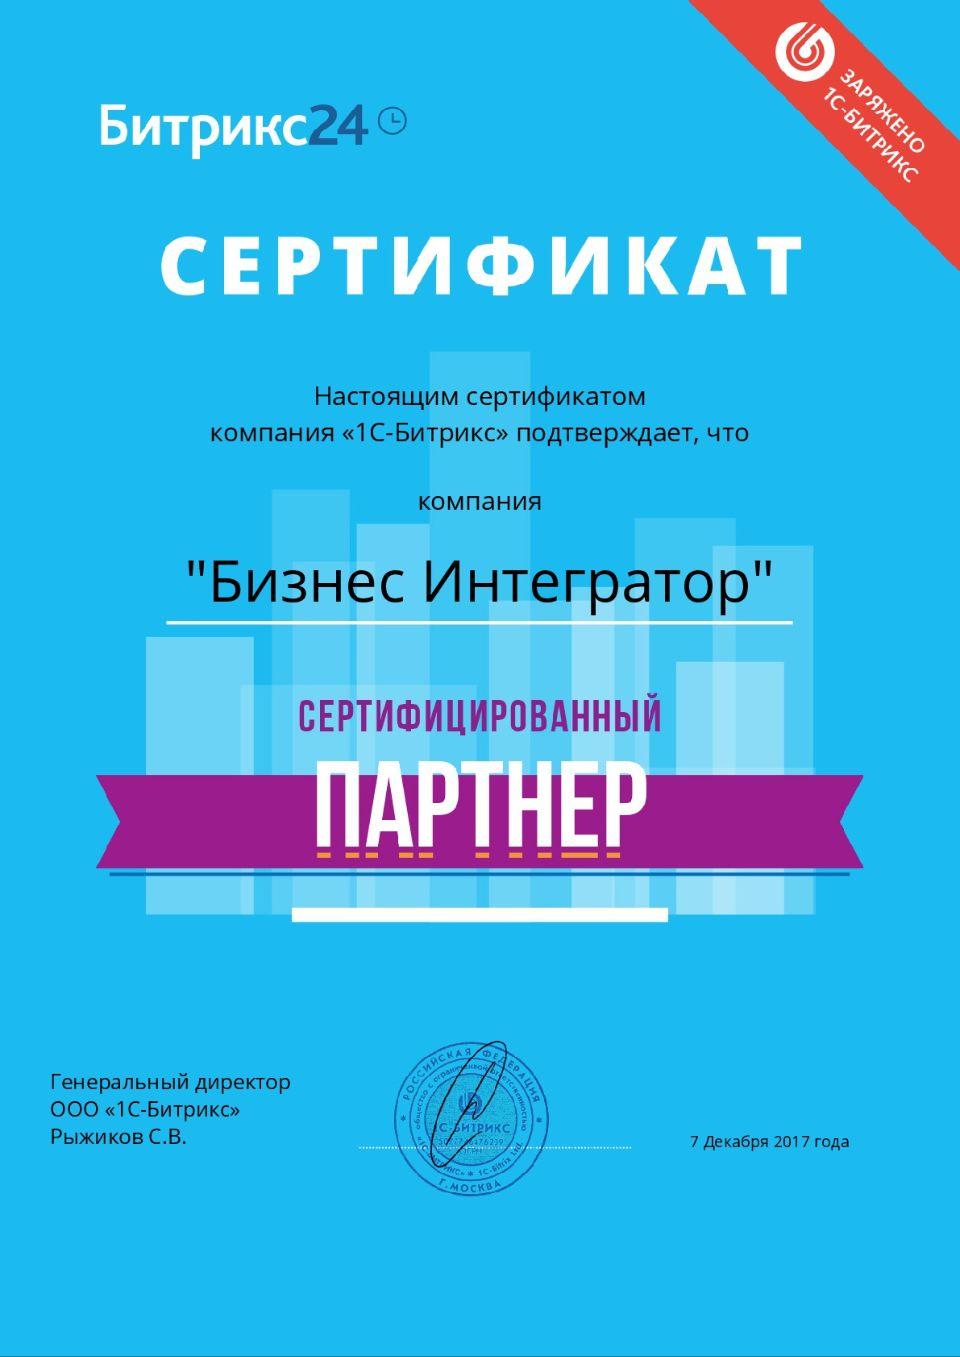 """Сертификат Битрикс24 """"Сертифицированный партнер"""""""